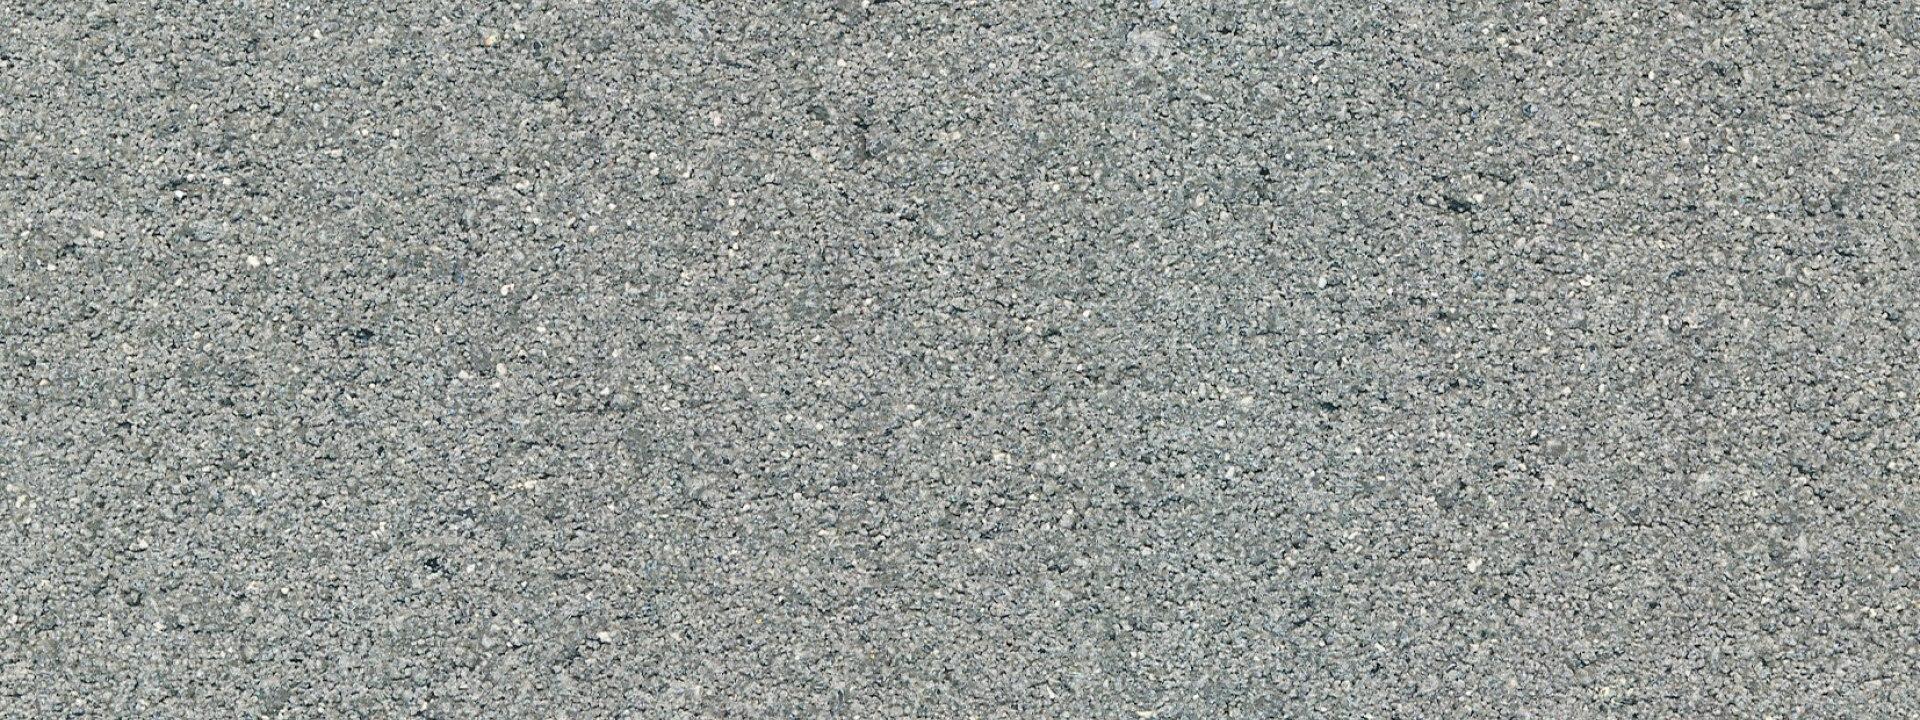 naturbelassene unbehandelte Standard Beton Oberflaeche in Grau